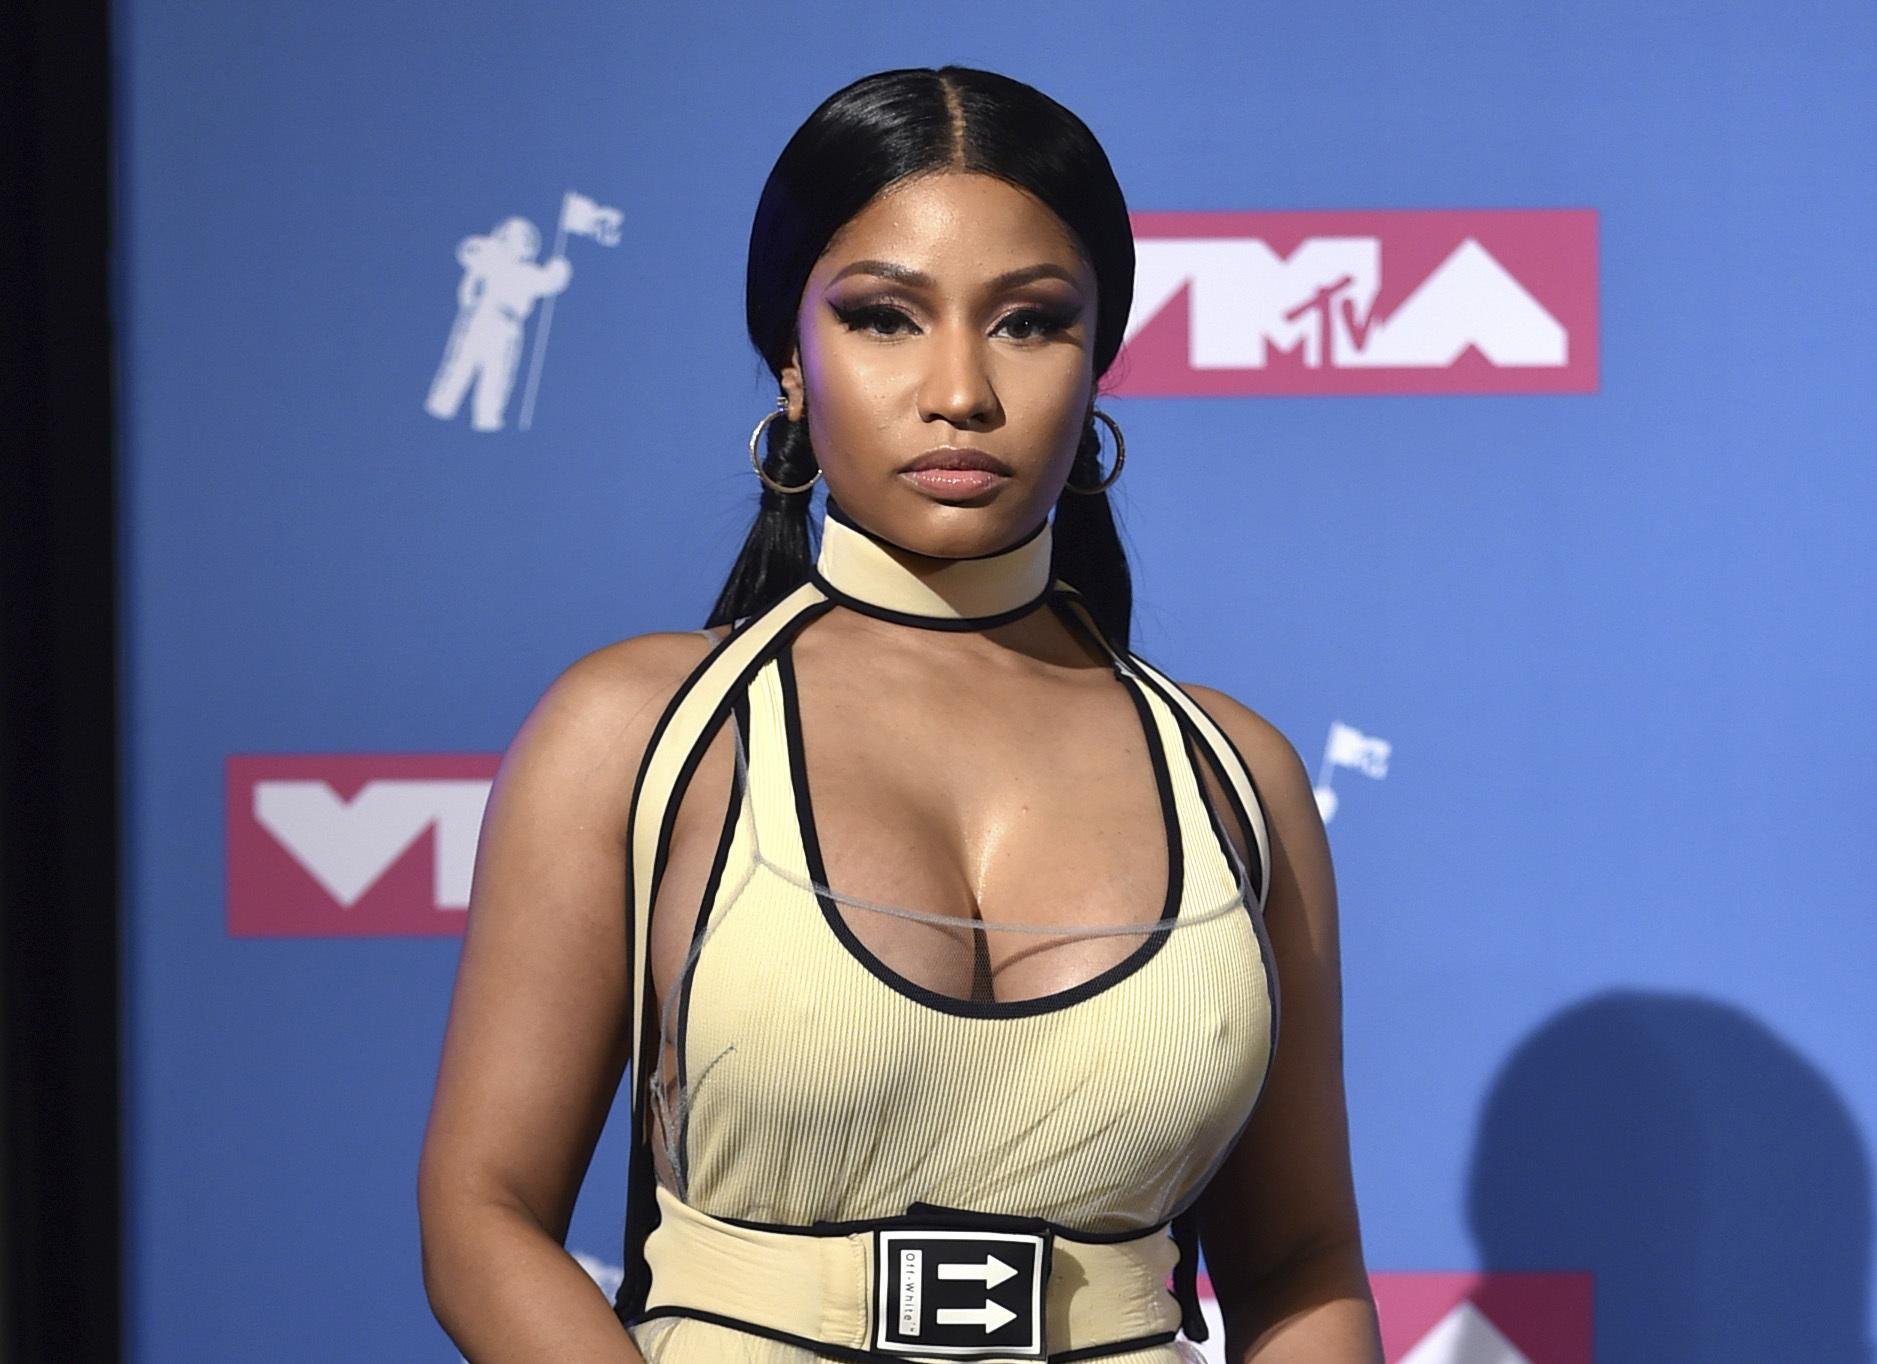 Nicki Minaj poses in the press room at the MTV Video Music Awards in New York in 2018.